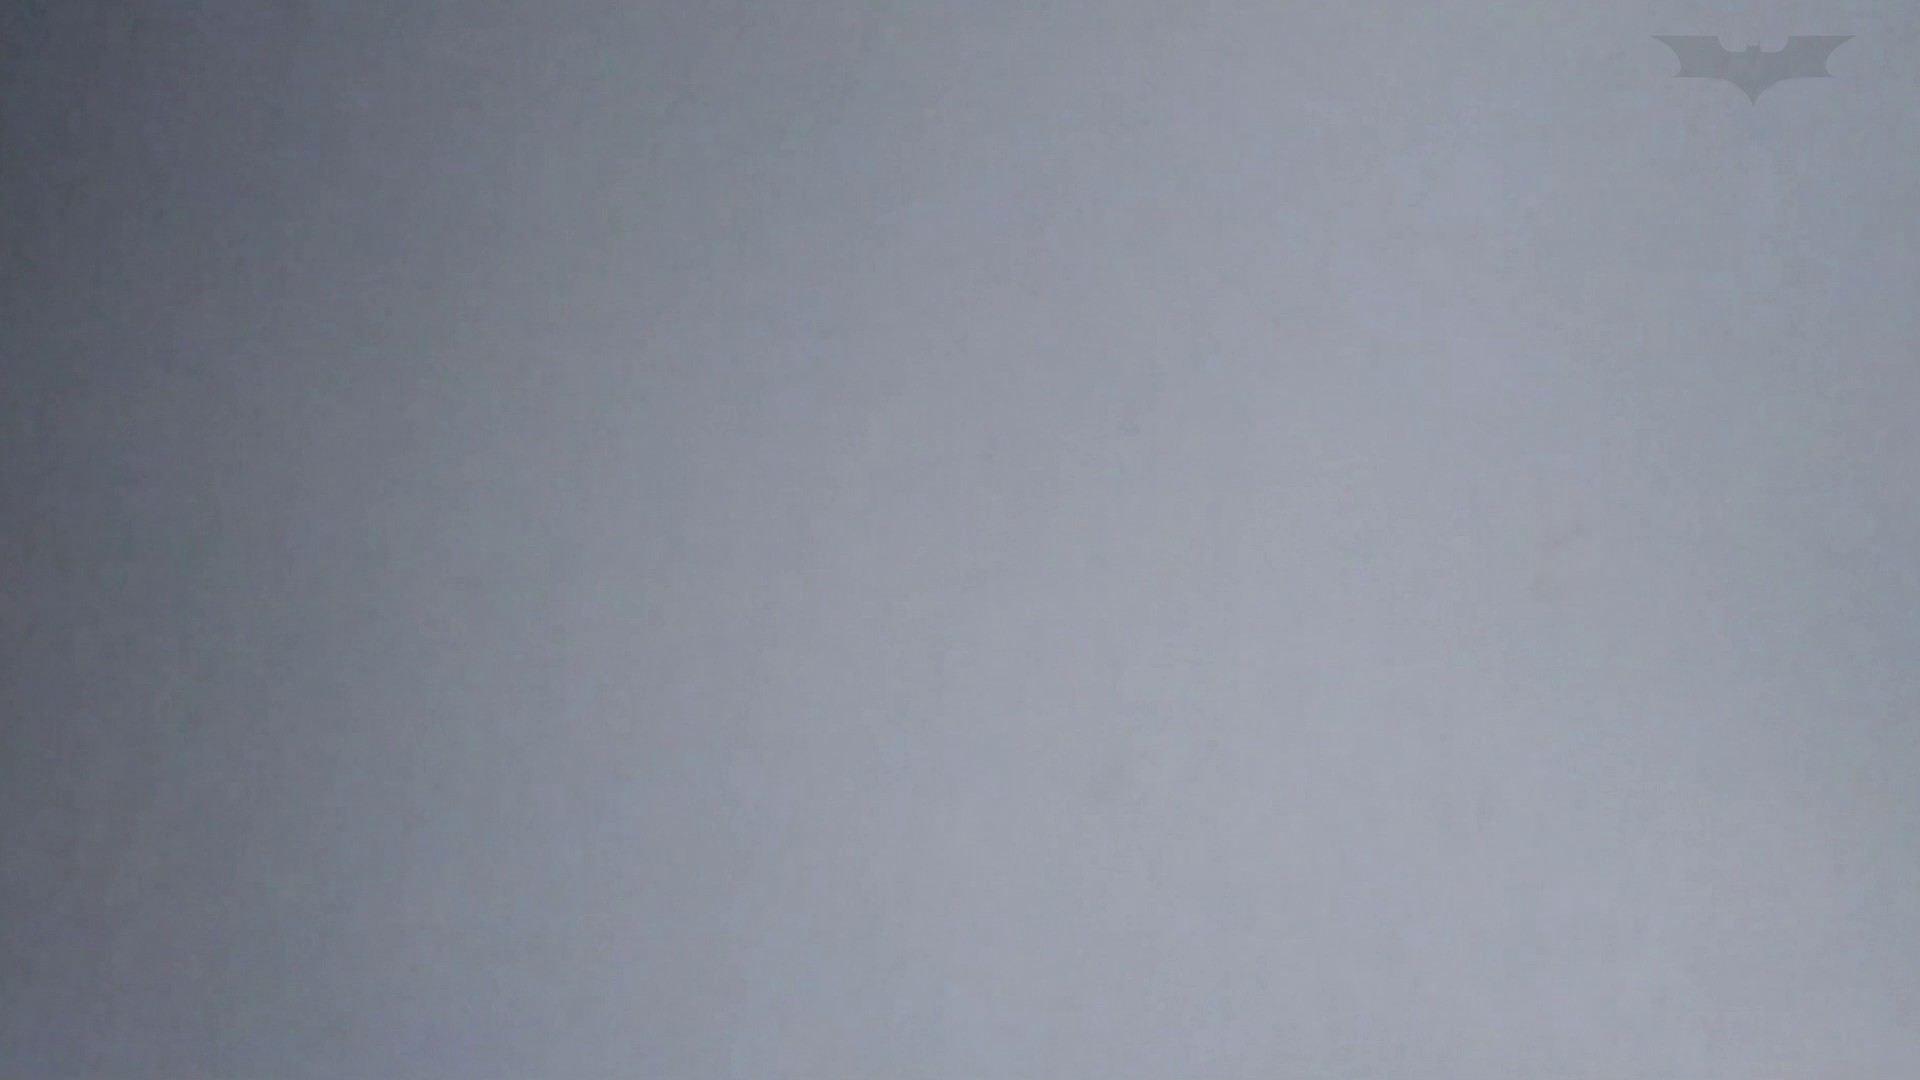 芸術大学ガチ潜入盗撮 JD盗撮 美女の洗面所の秘密 Vol.97 洗面所 われめAV動画紹介 109連発 100